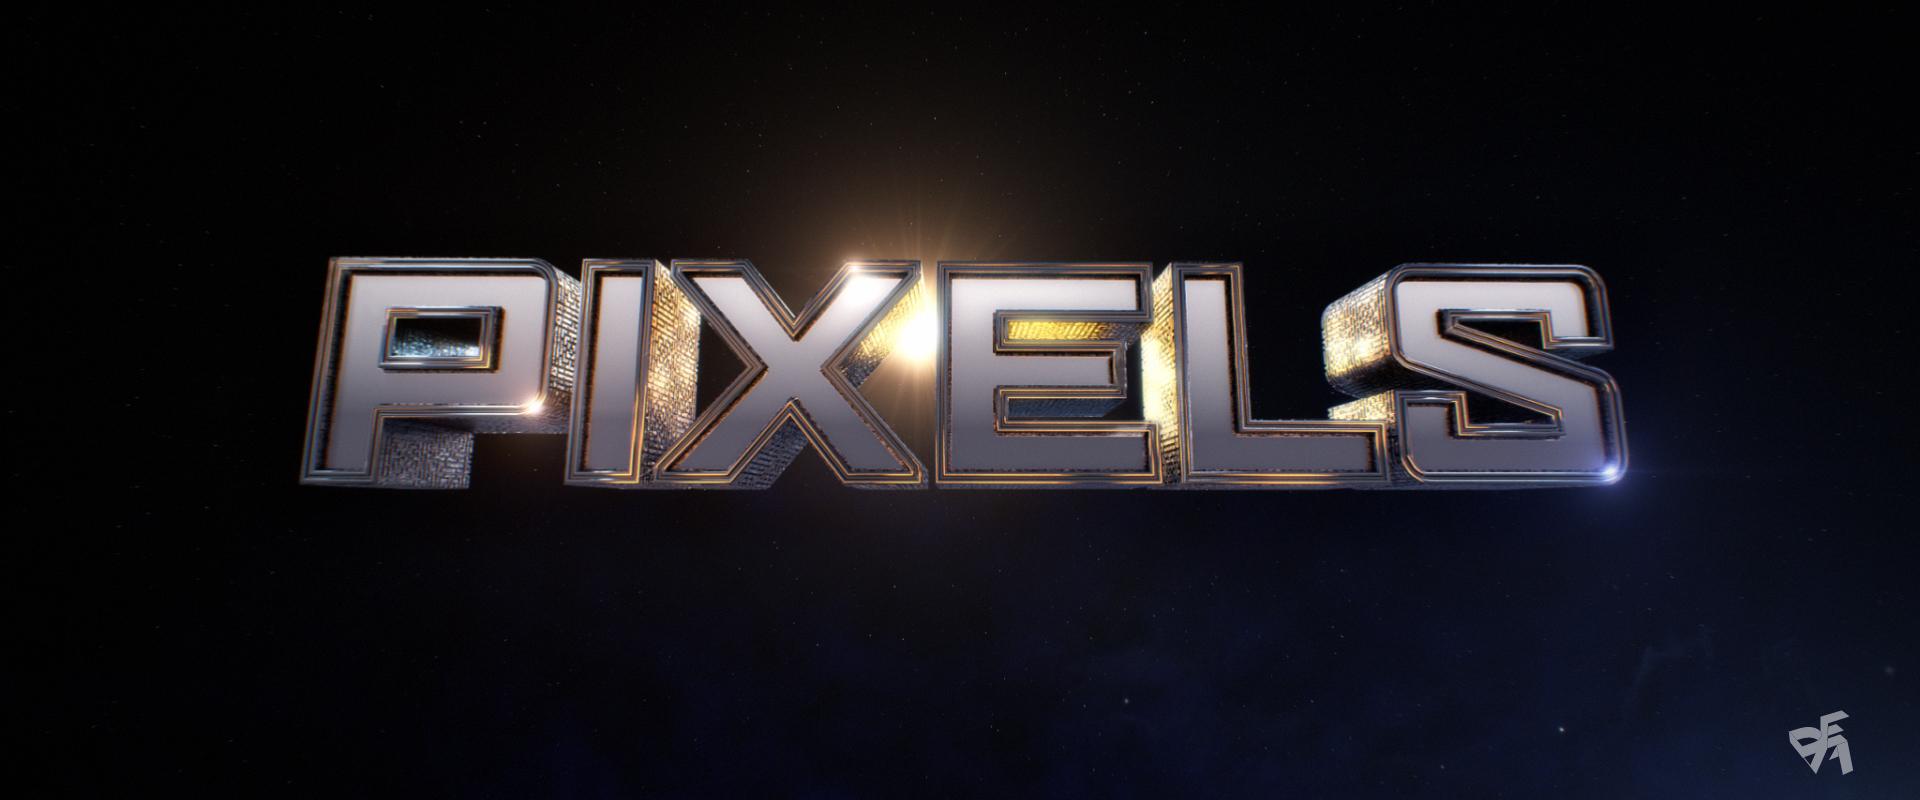 Pixels-LOGOCONCEPT_03.jpg